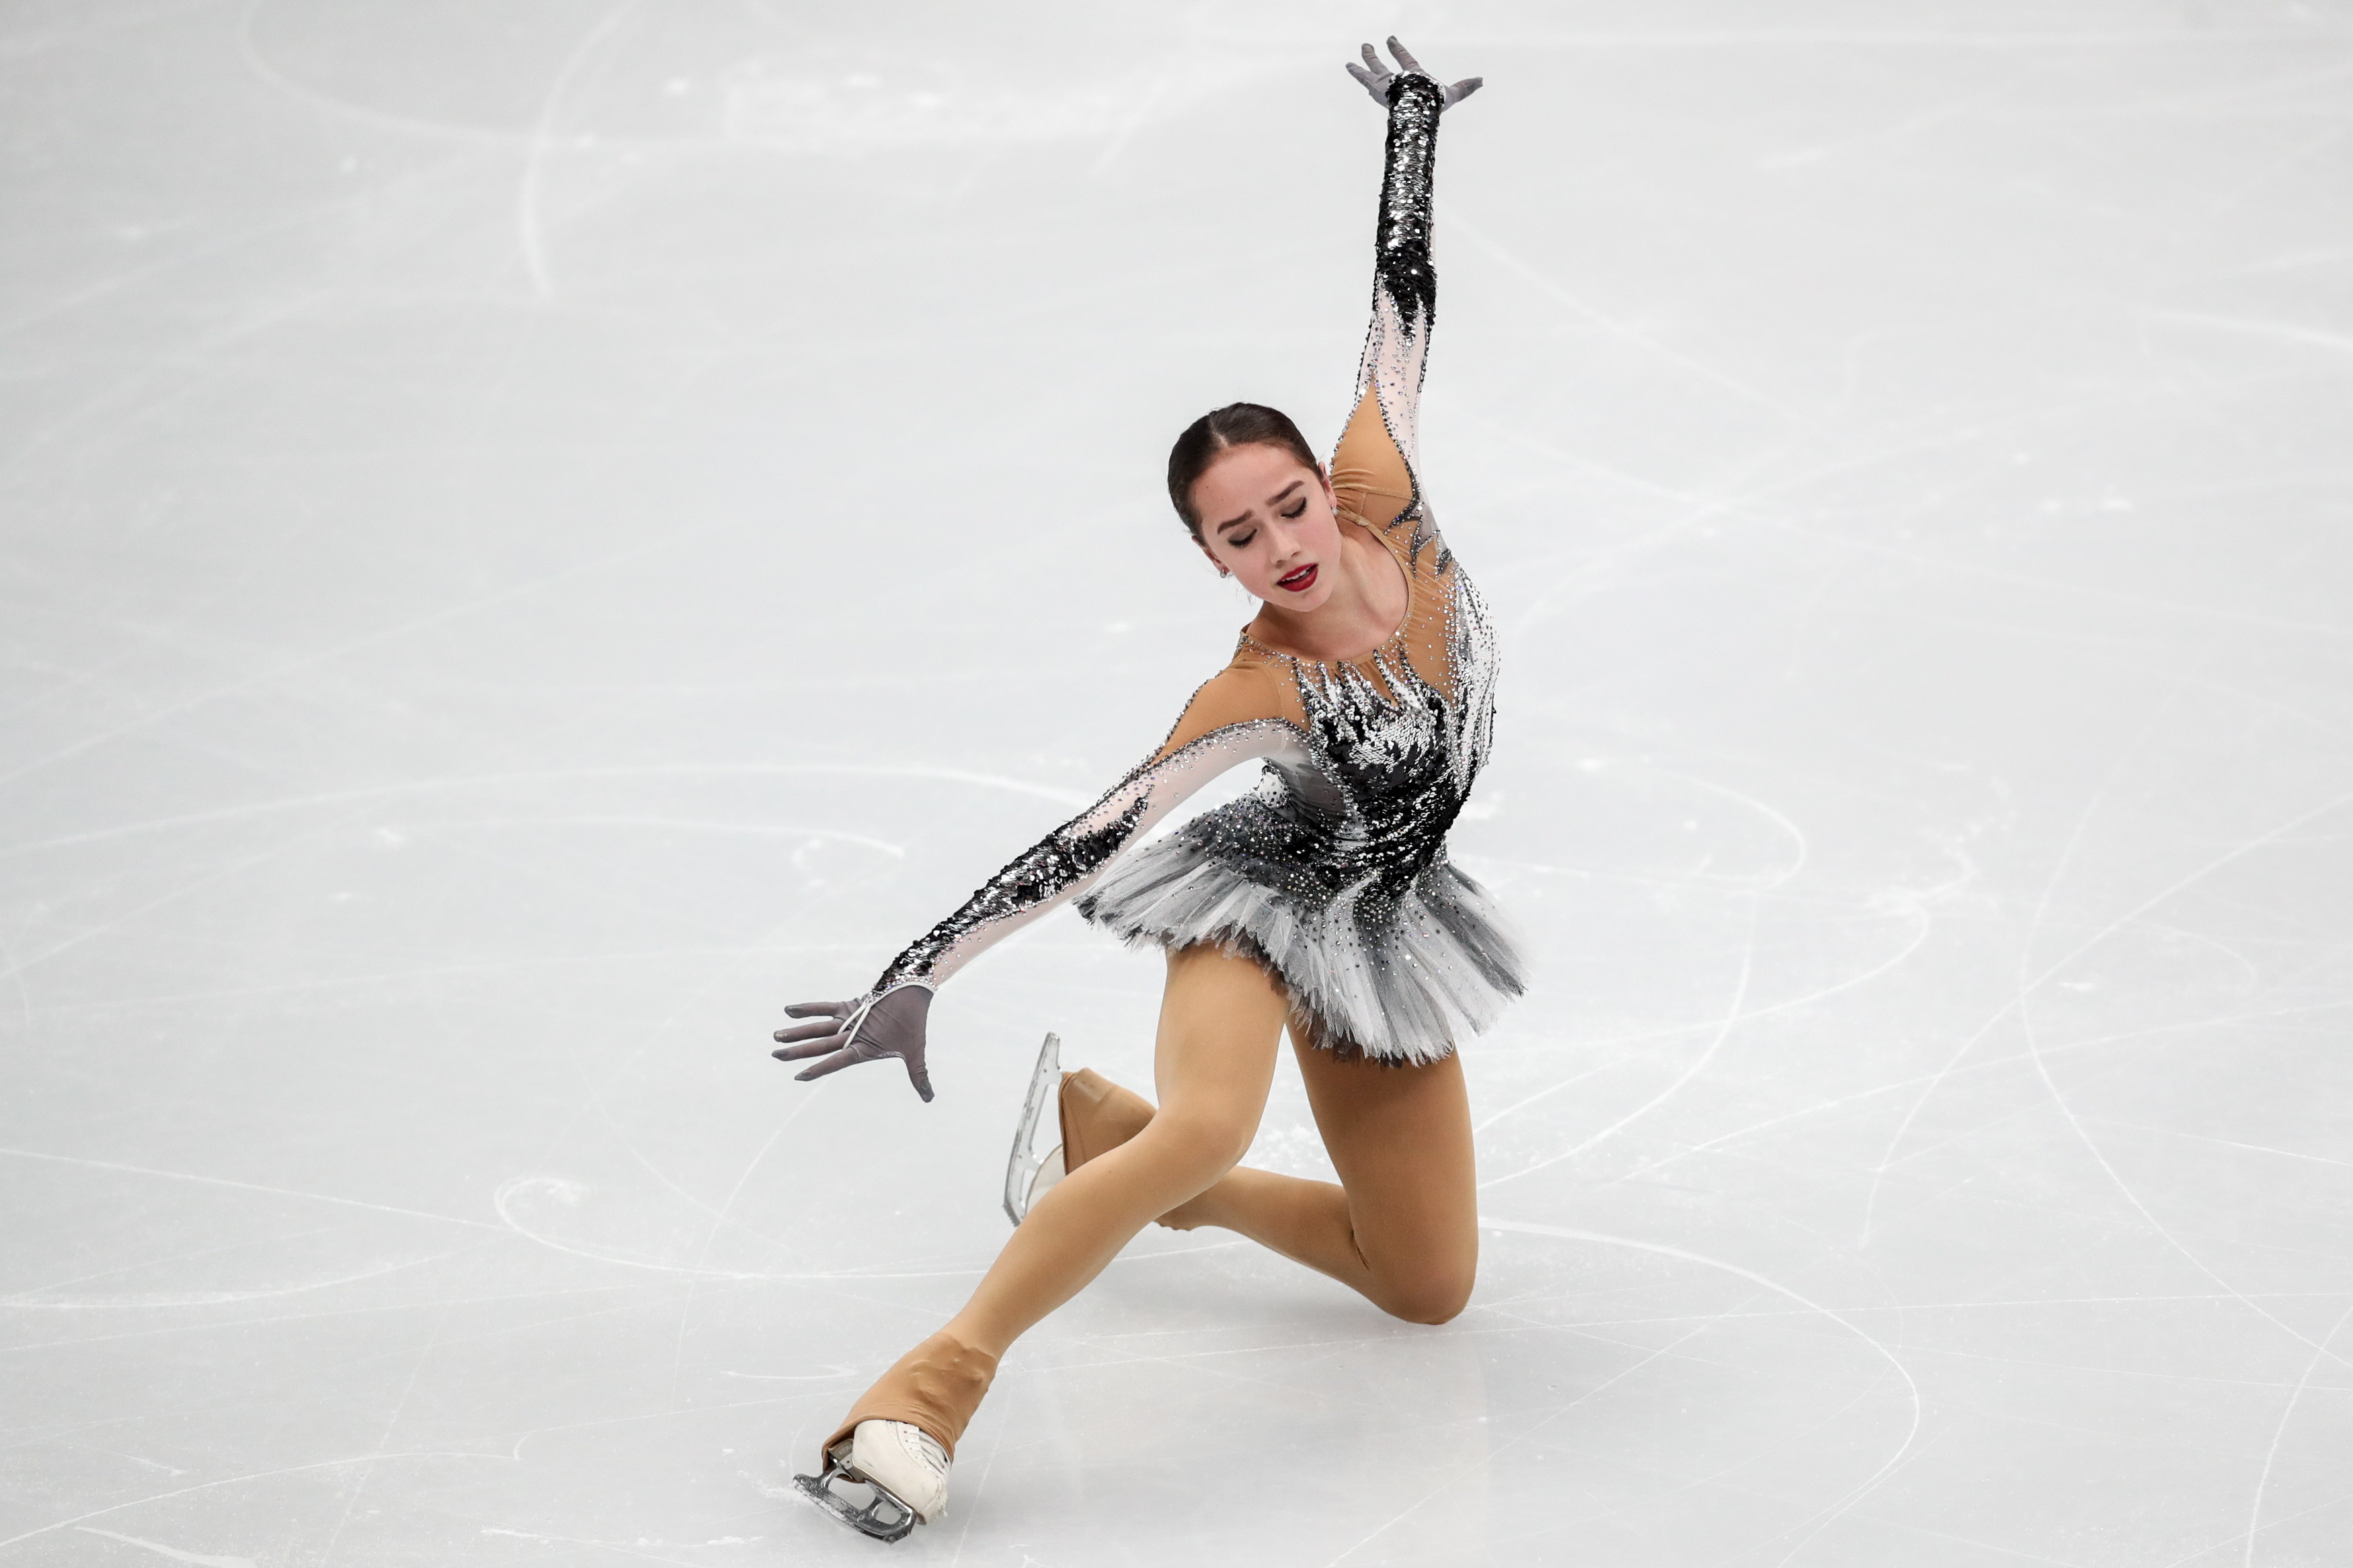 Фигуристка Загитова стала чемпионкой Европы Медведева – вторая